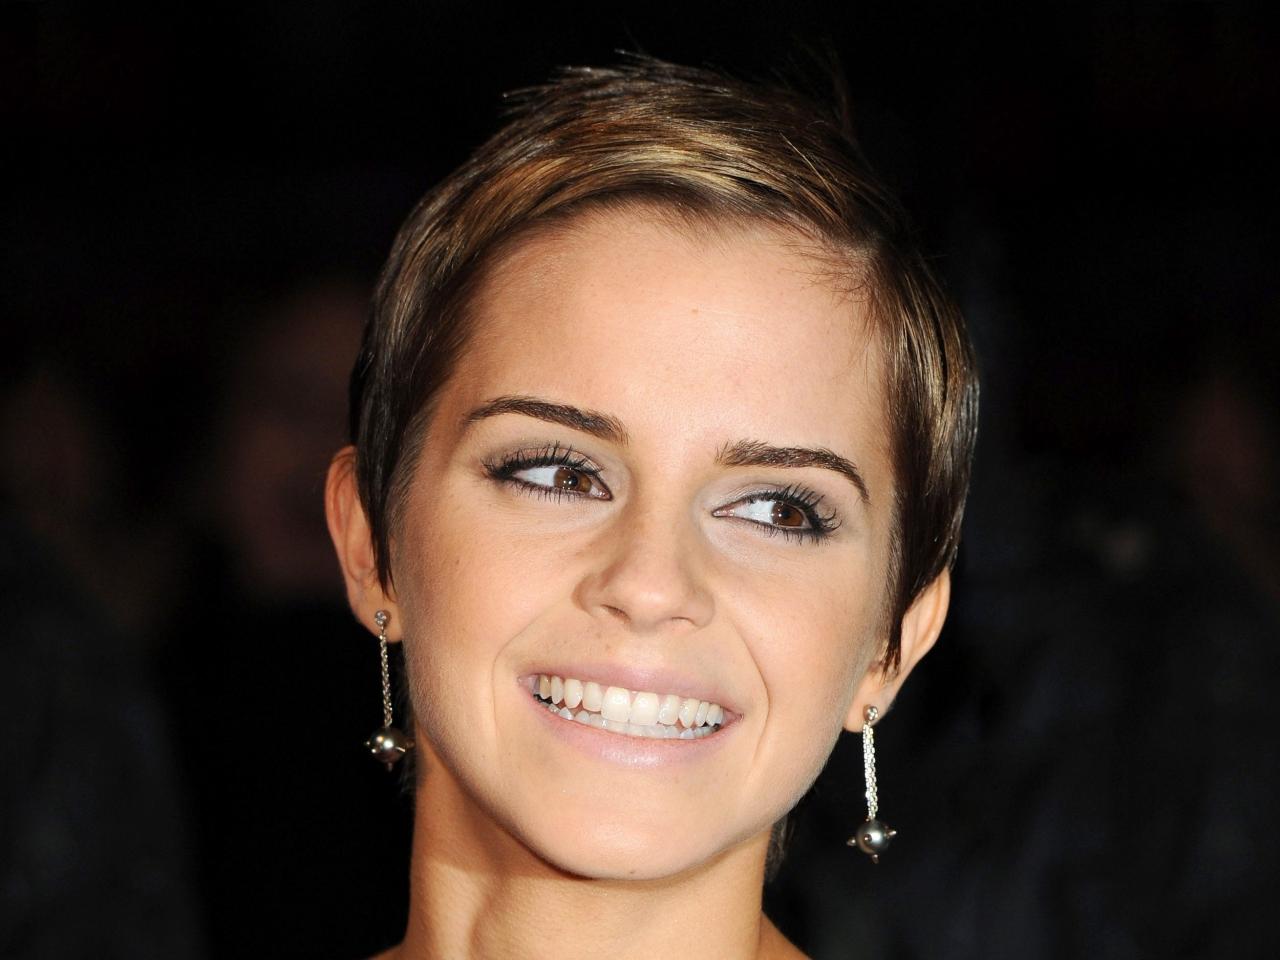 Emma Watson con una bella sonrisa - 1280x960